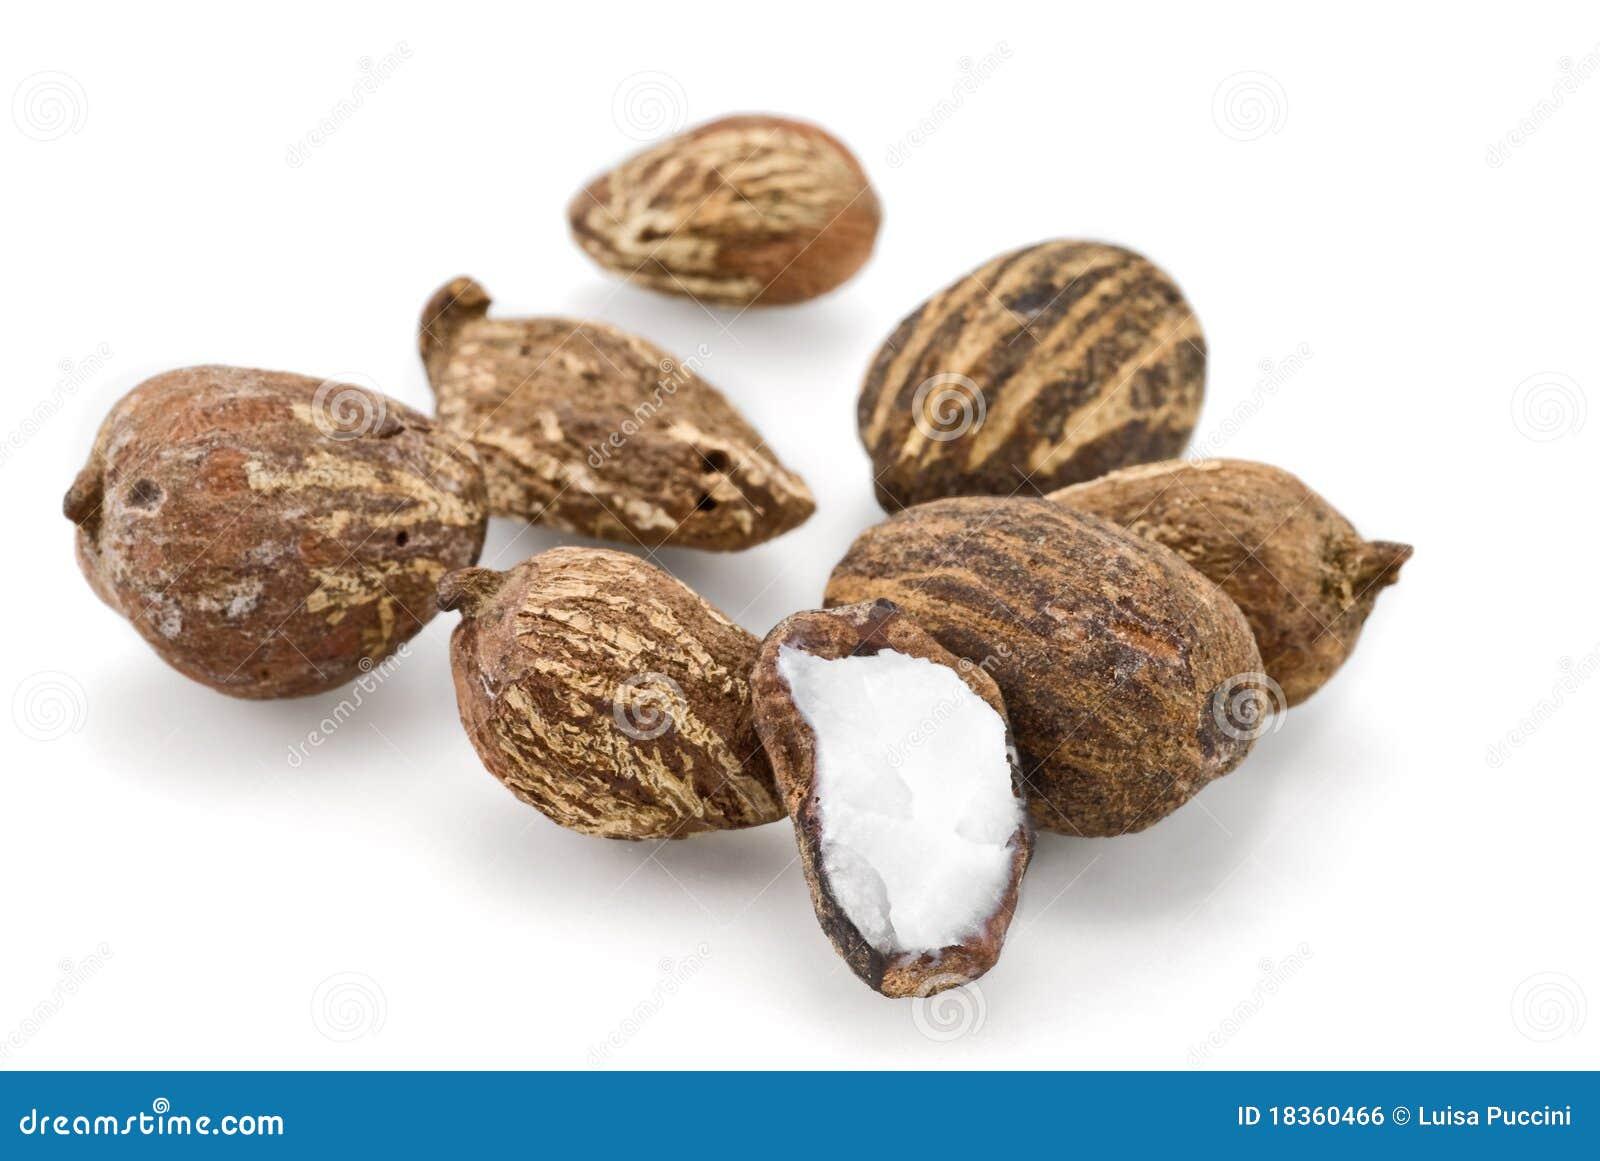 Nuts shea